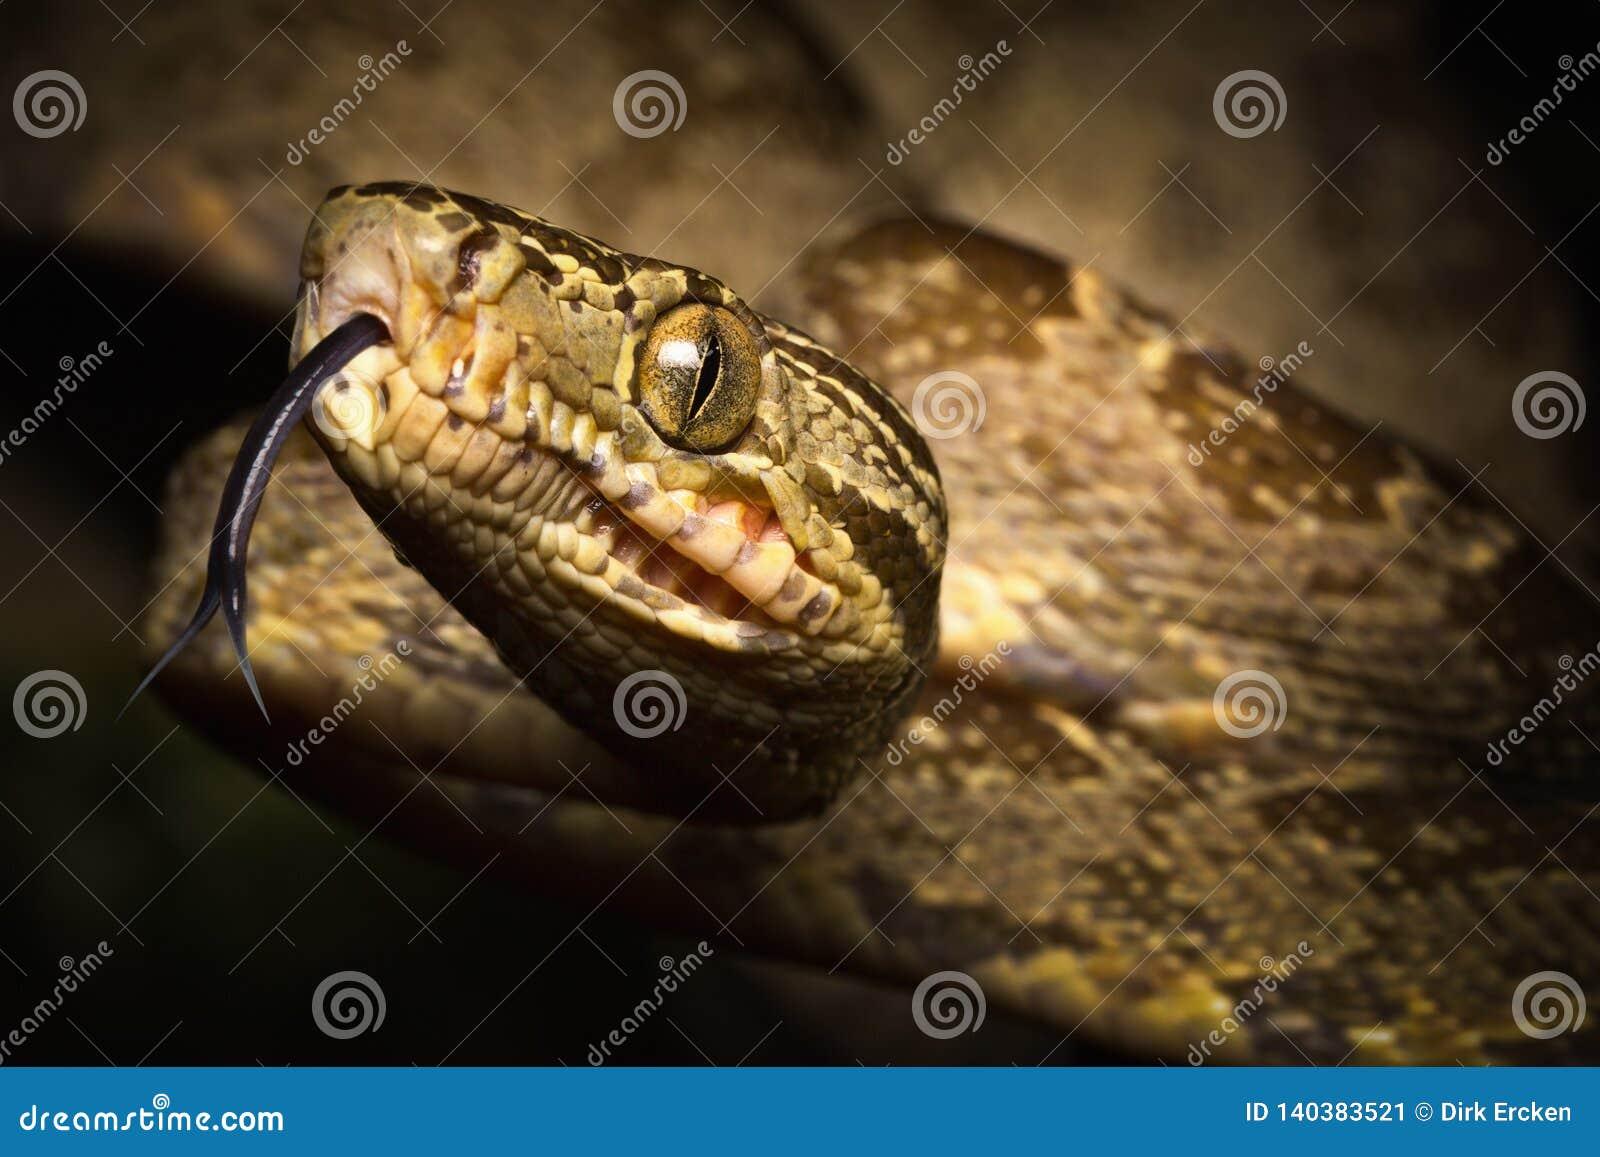 Serpiente tropical, hortulanus de Corallus de la boa del árbol una serpiente de la selva tropical del Amazonas en Colombia